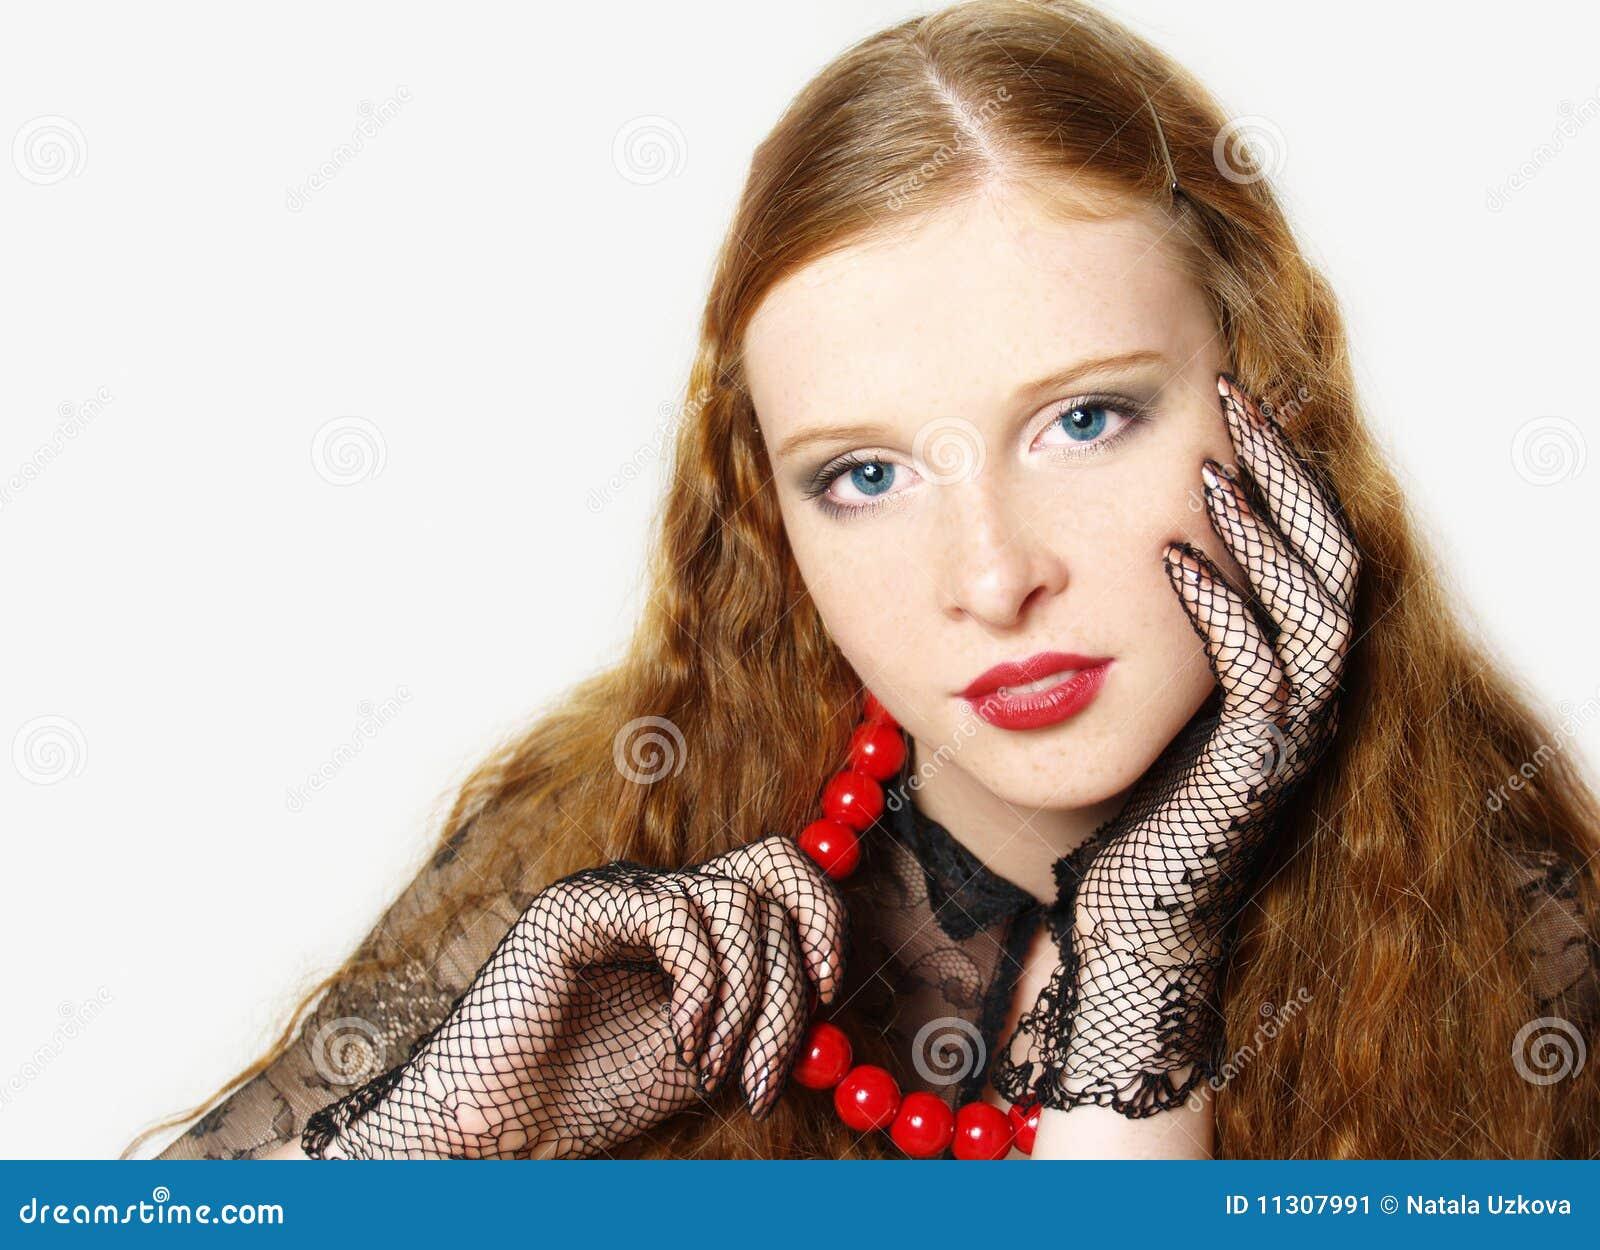 Portrait des Mädchens mit dem roten langen Haar